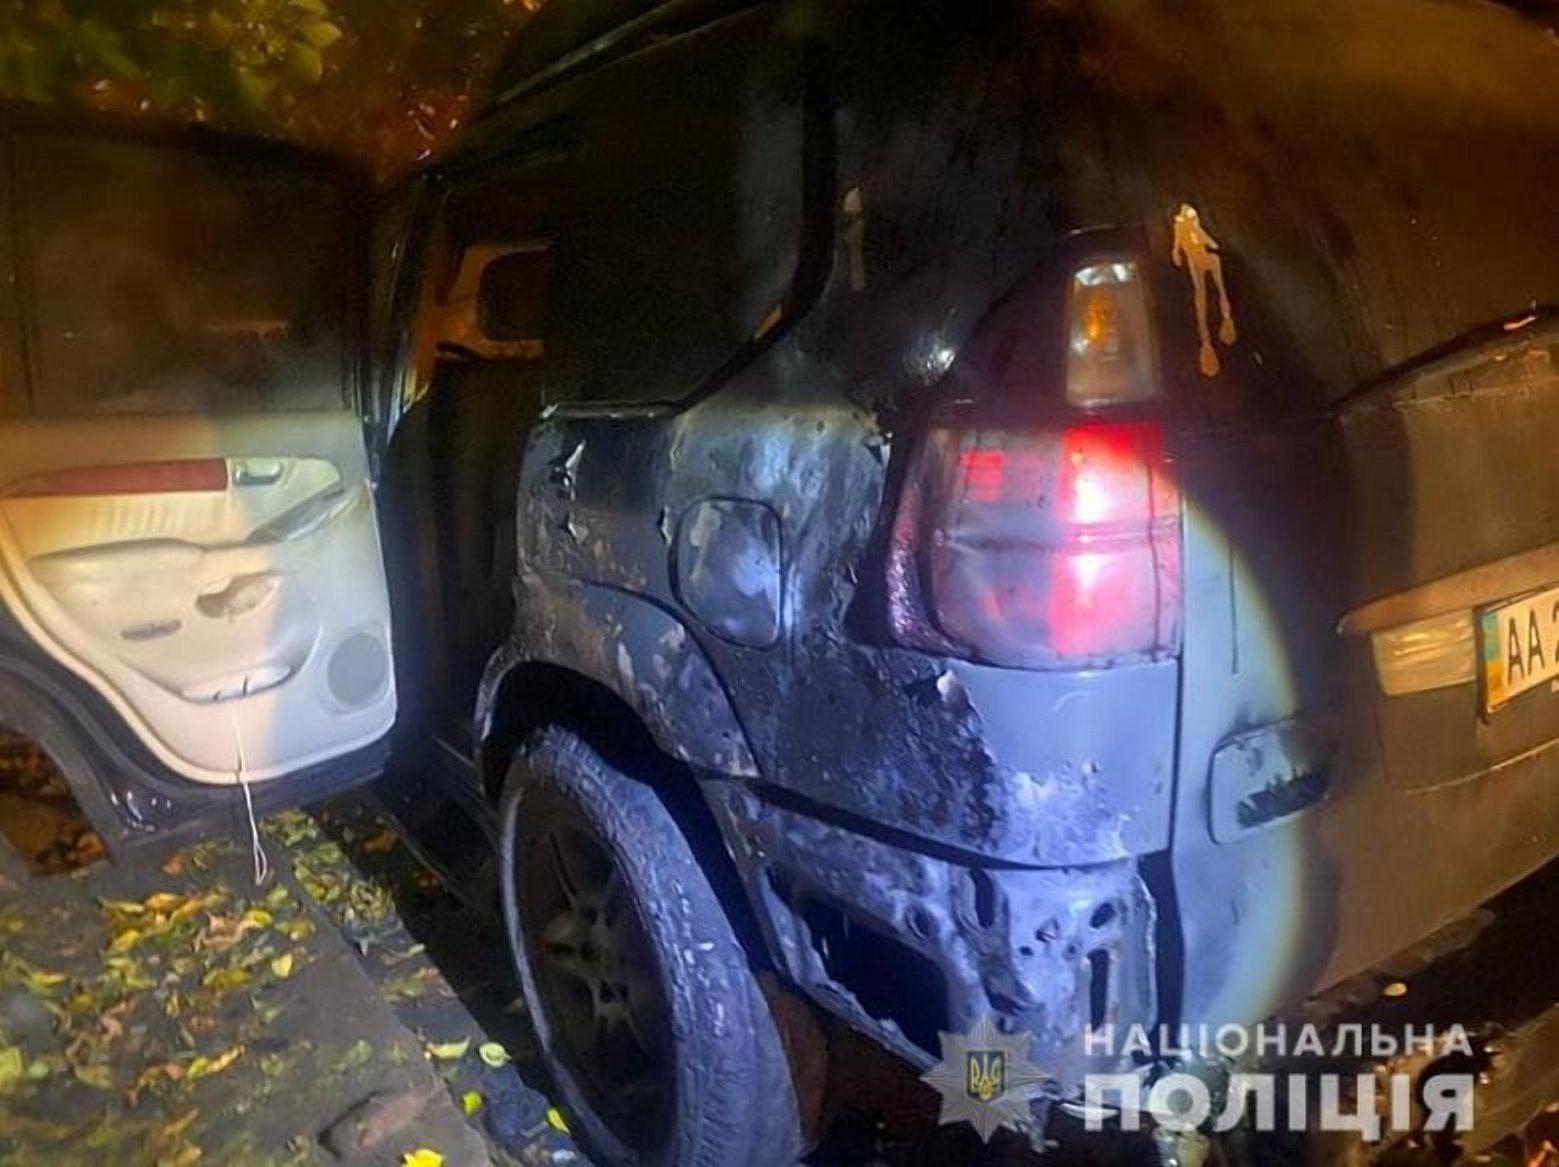 Киянин підпалив три автомобілі в Печерському районі столиці